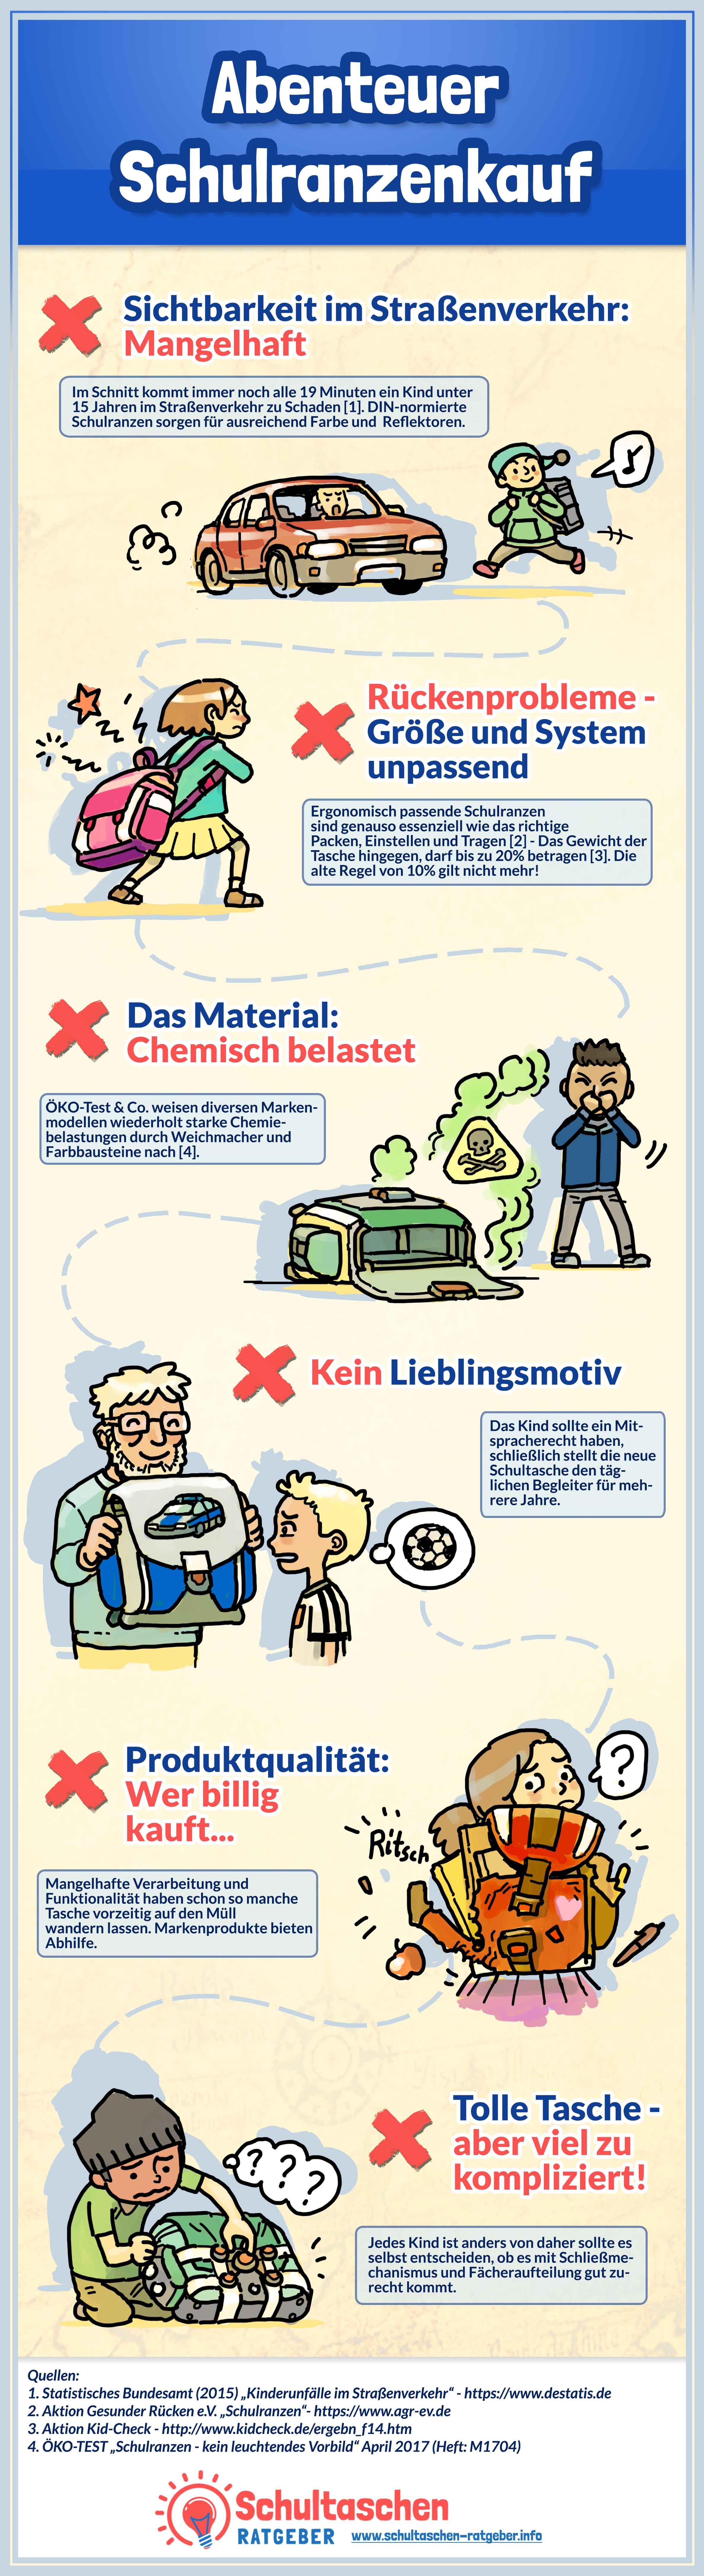 Abenteuer Schulranzenkauf - Eine Infografik von Schultaschen-Ratgeber.info